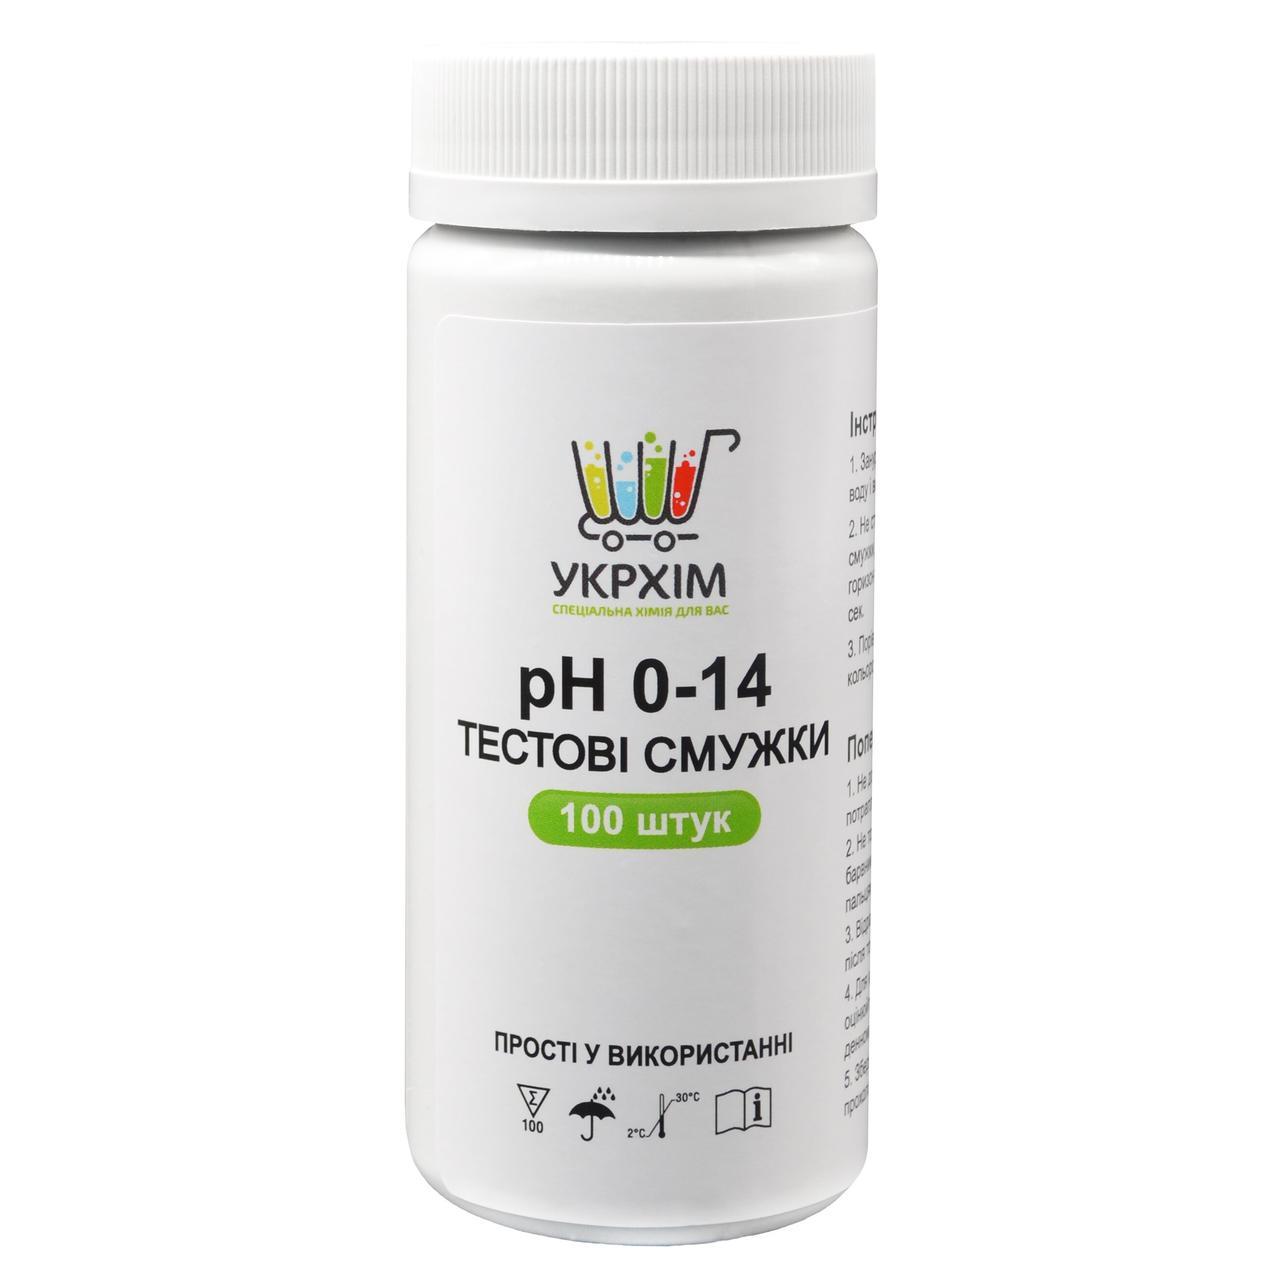 Індикаторні смужки на pH 0-14 (100 шт.) UKRHIM TS-PH14-100